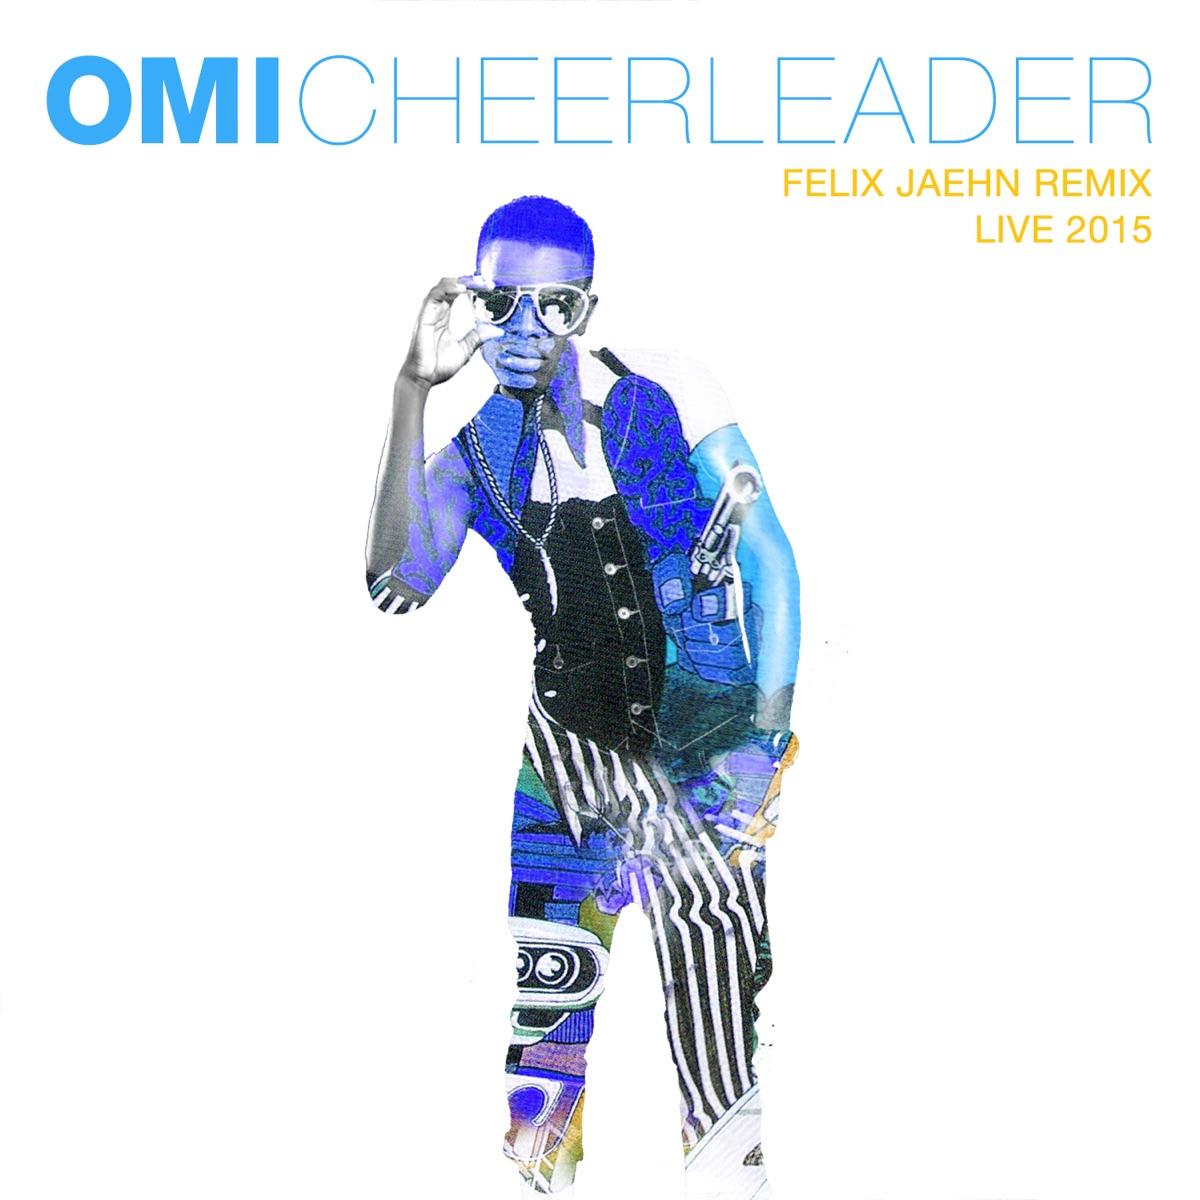 Omi cheerleader felix jaehn remix with the new england patriots cheerleaders - 2 10